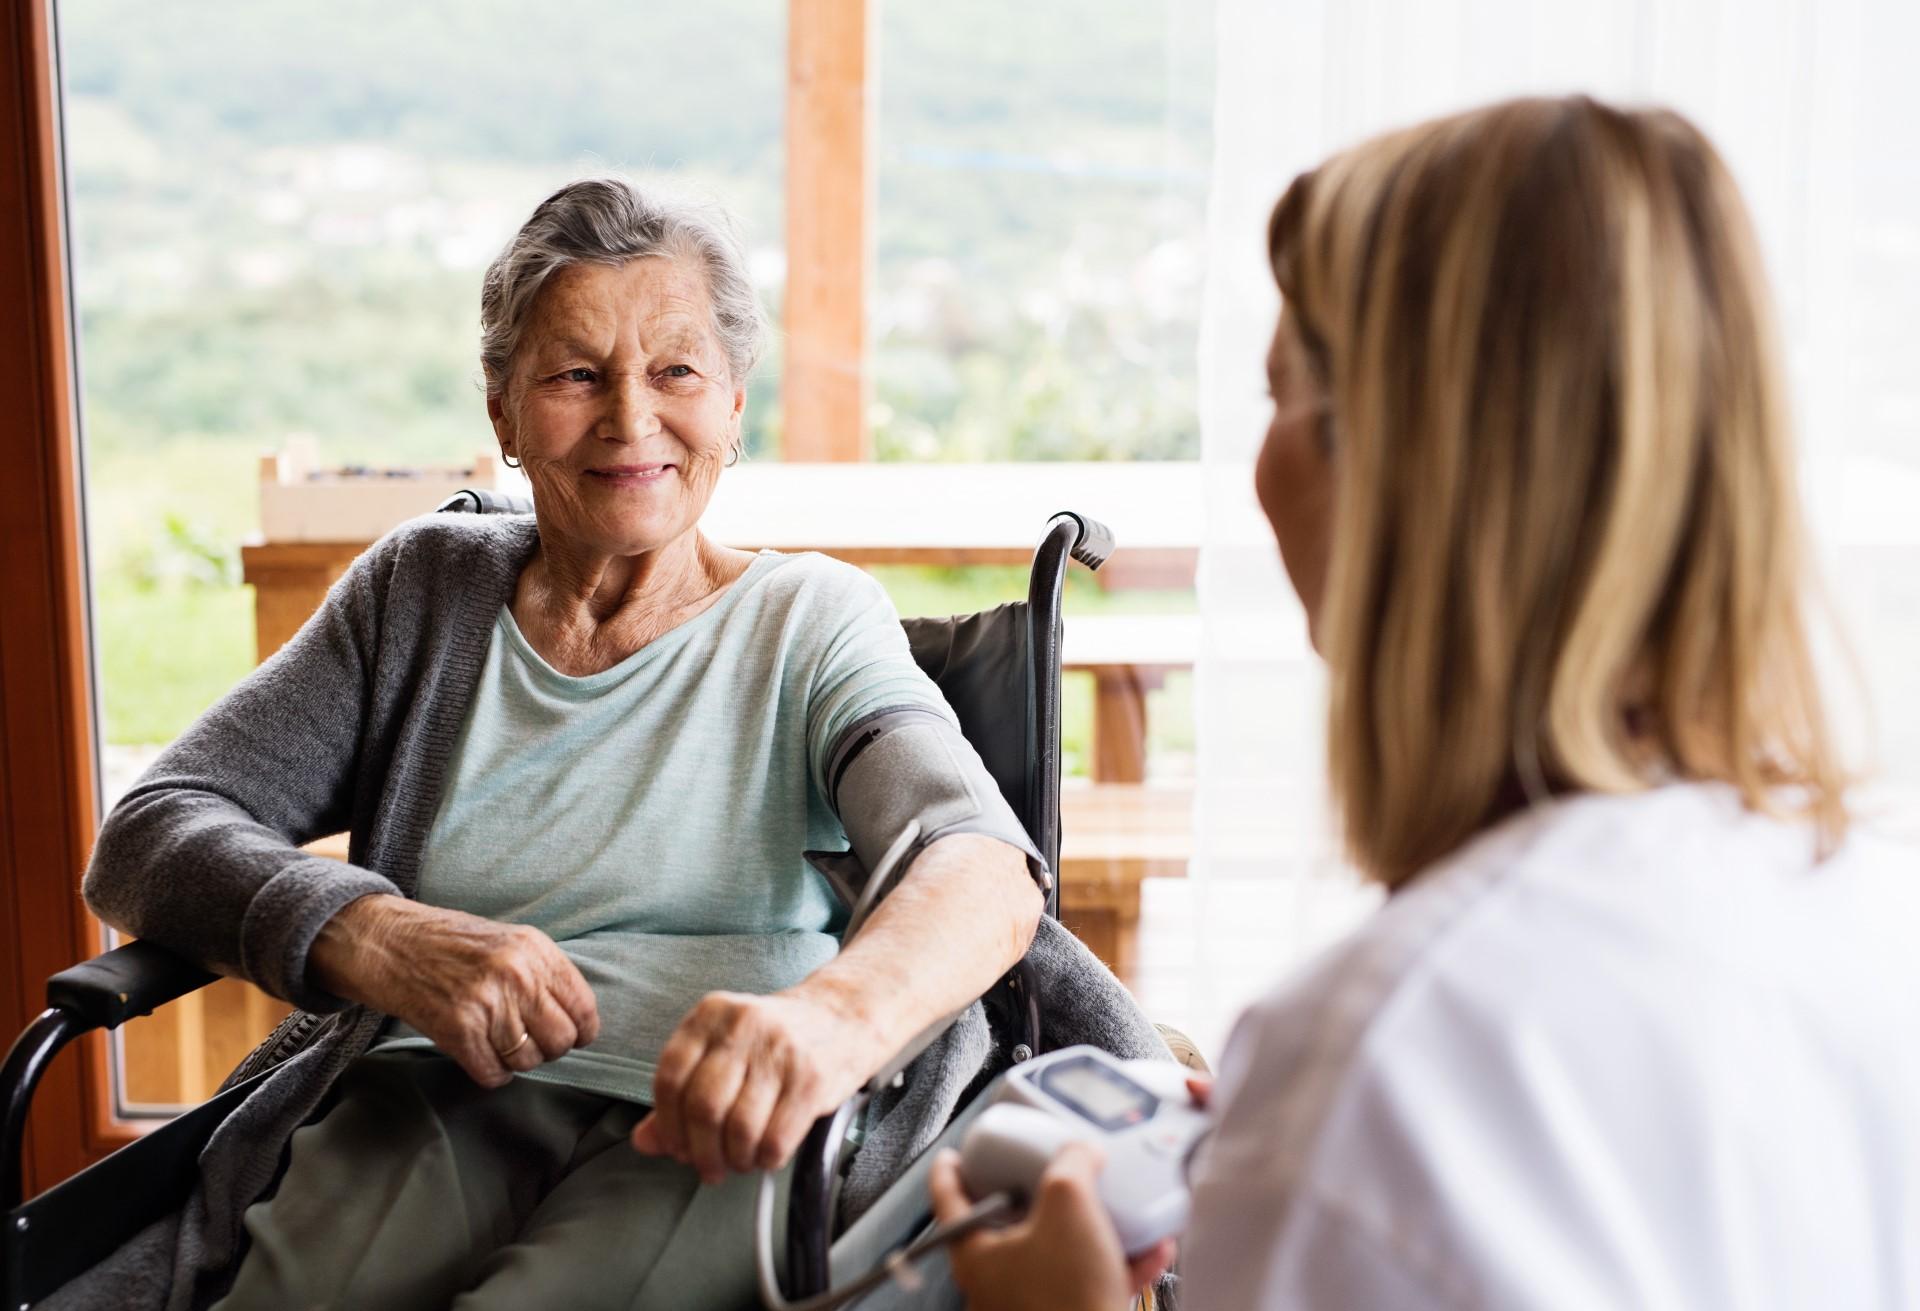 Einer Seniorin in einem sitzen in einem Rollstuhl in lächelt ihr Gegenüber an.